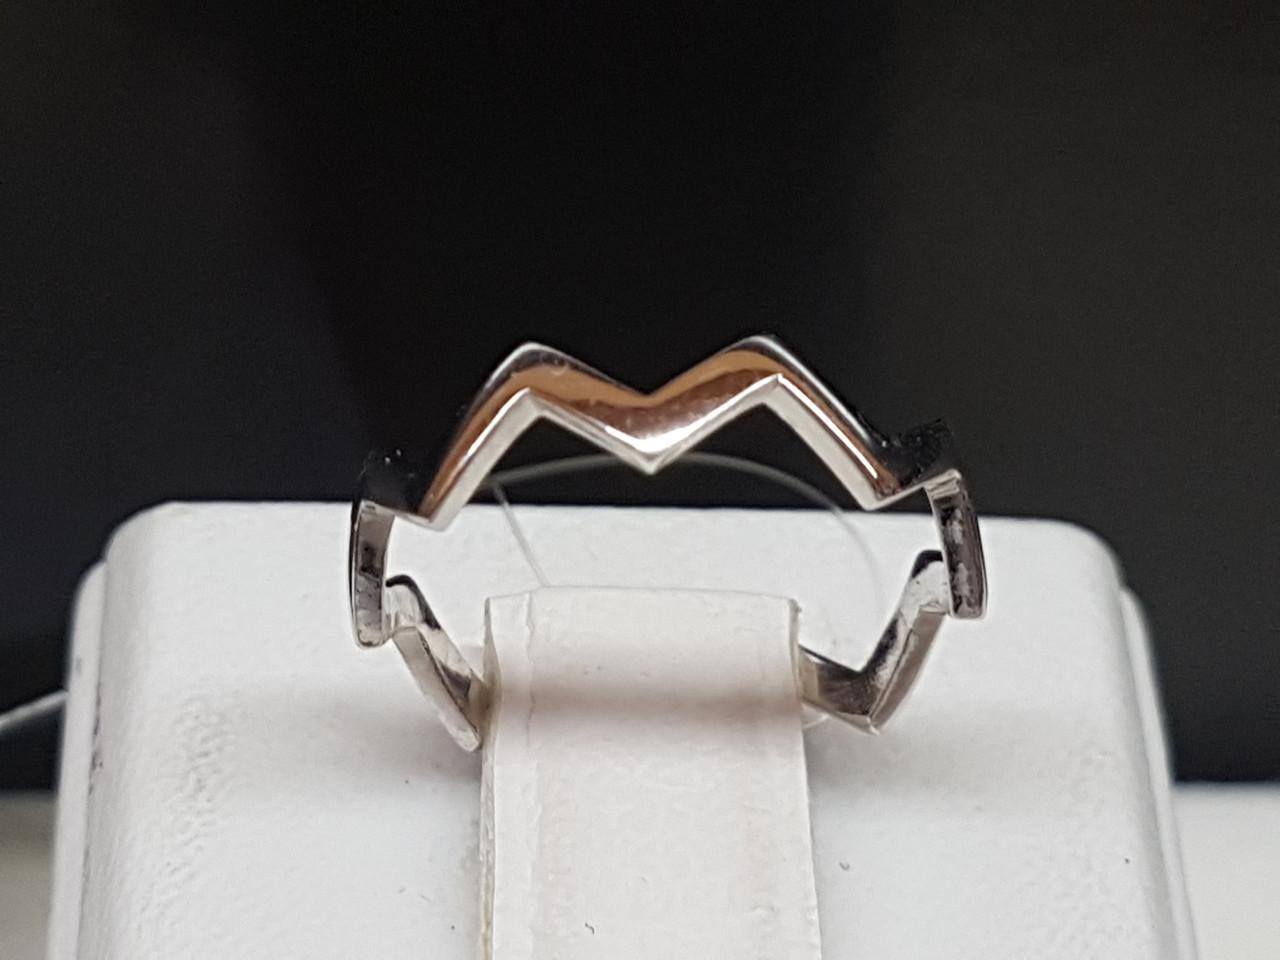 Серебряное кольцо. Артикул 901-00933 13